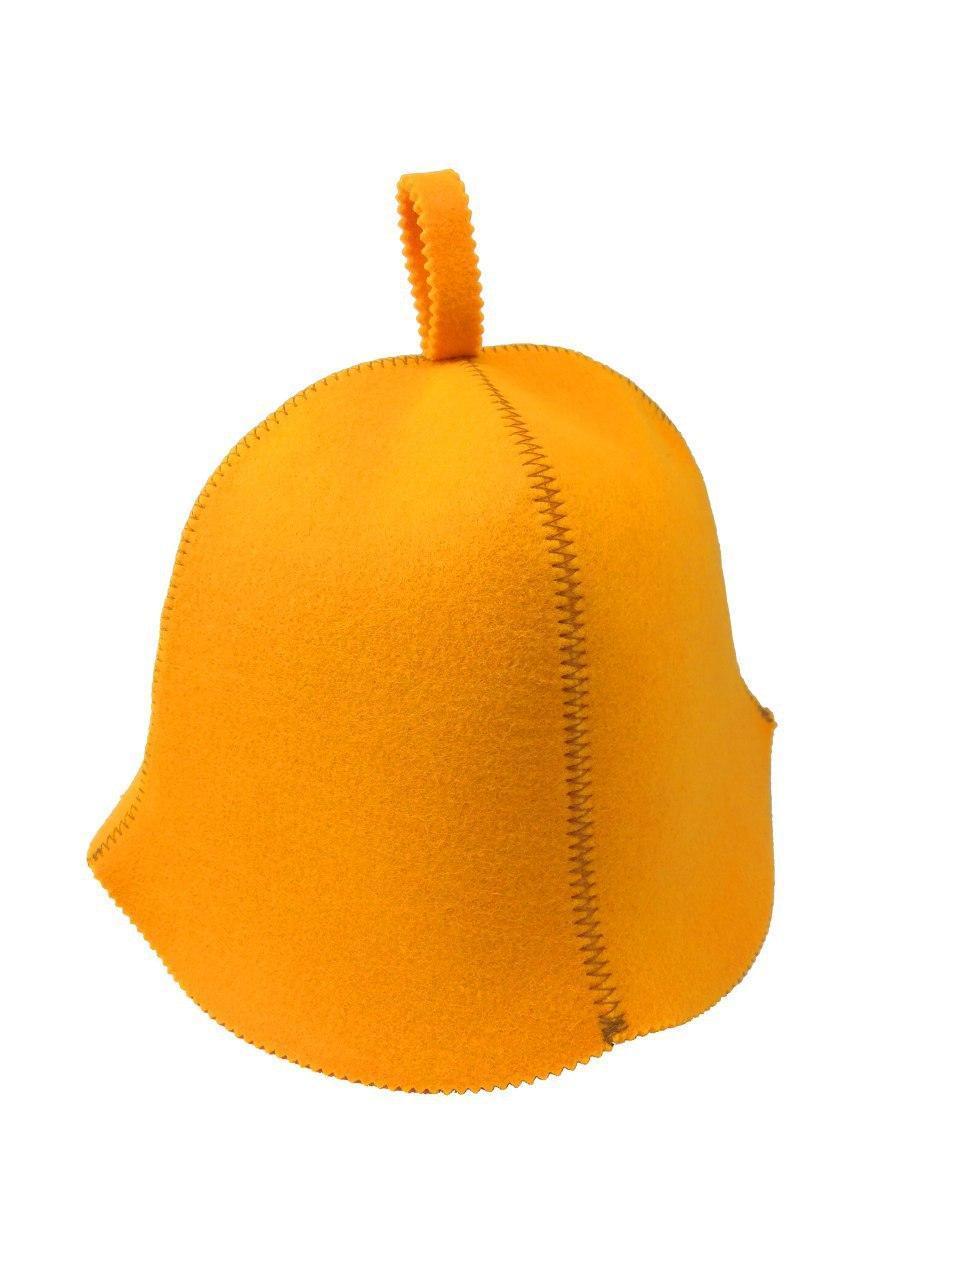 Банная шапка Luxyart искусственный фетр оранжевый (LС-410)